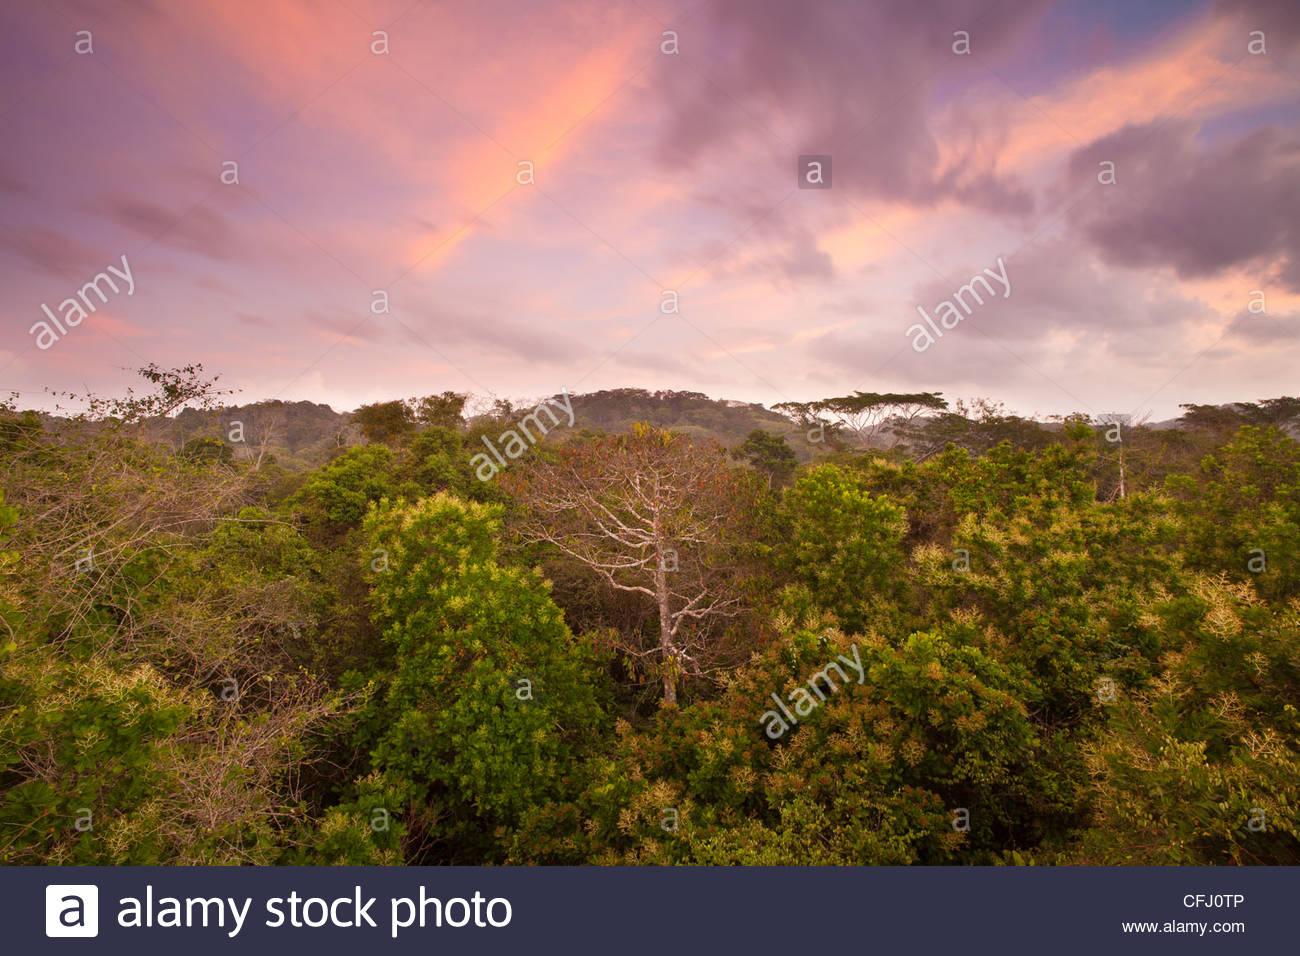 Morgendämmerung im Regenwald von Soberania Nationalpark, Republik von Panama. Stockfoto